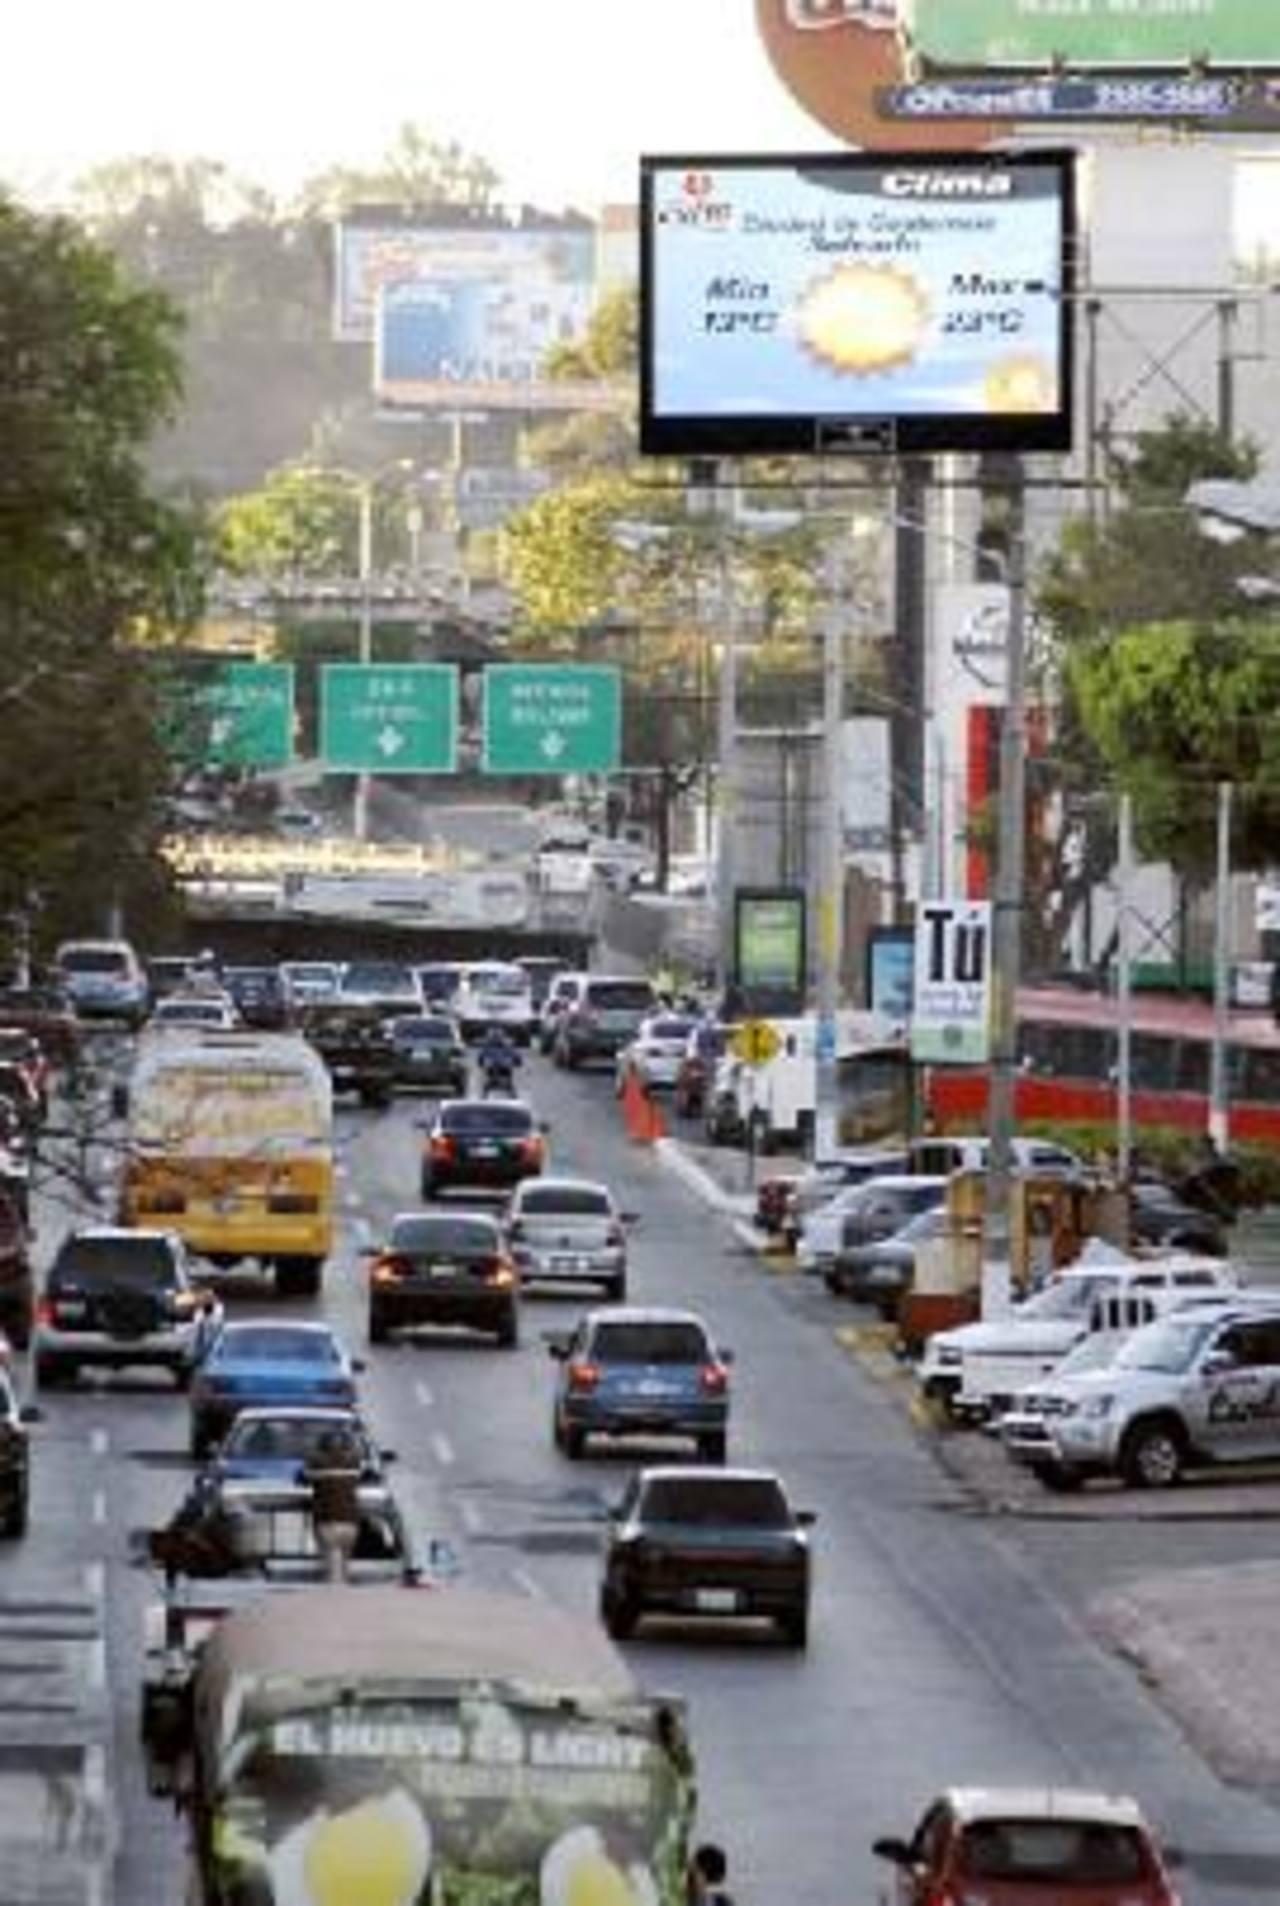 Guatemala posee un parque de un millón 135 mil 769 vehículos.